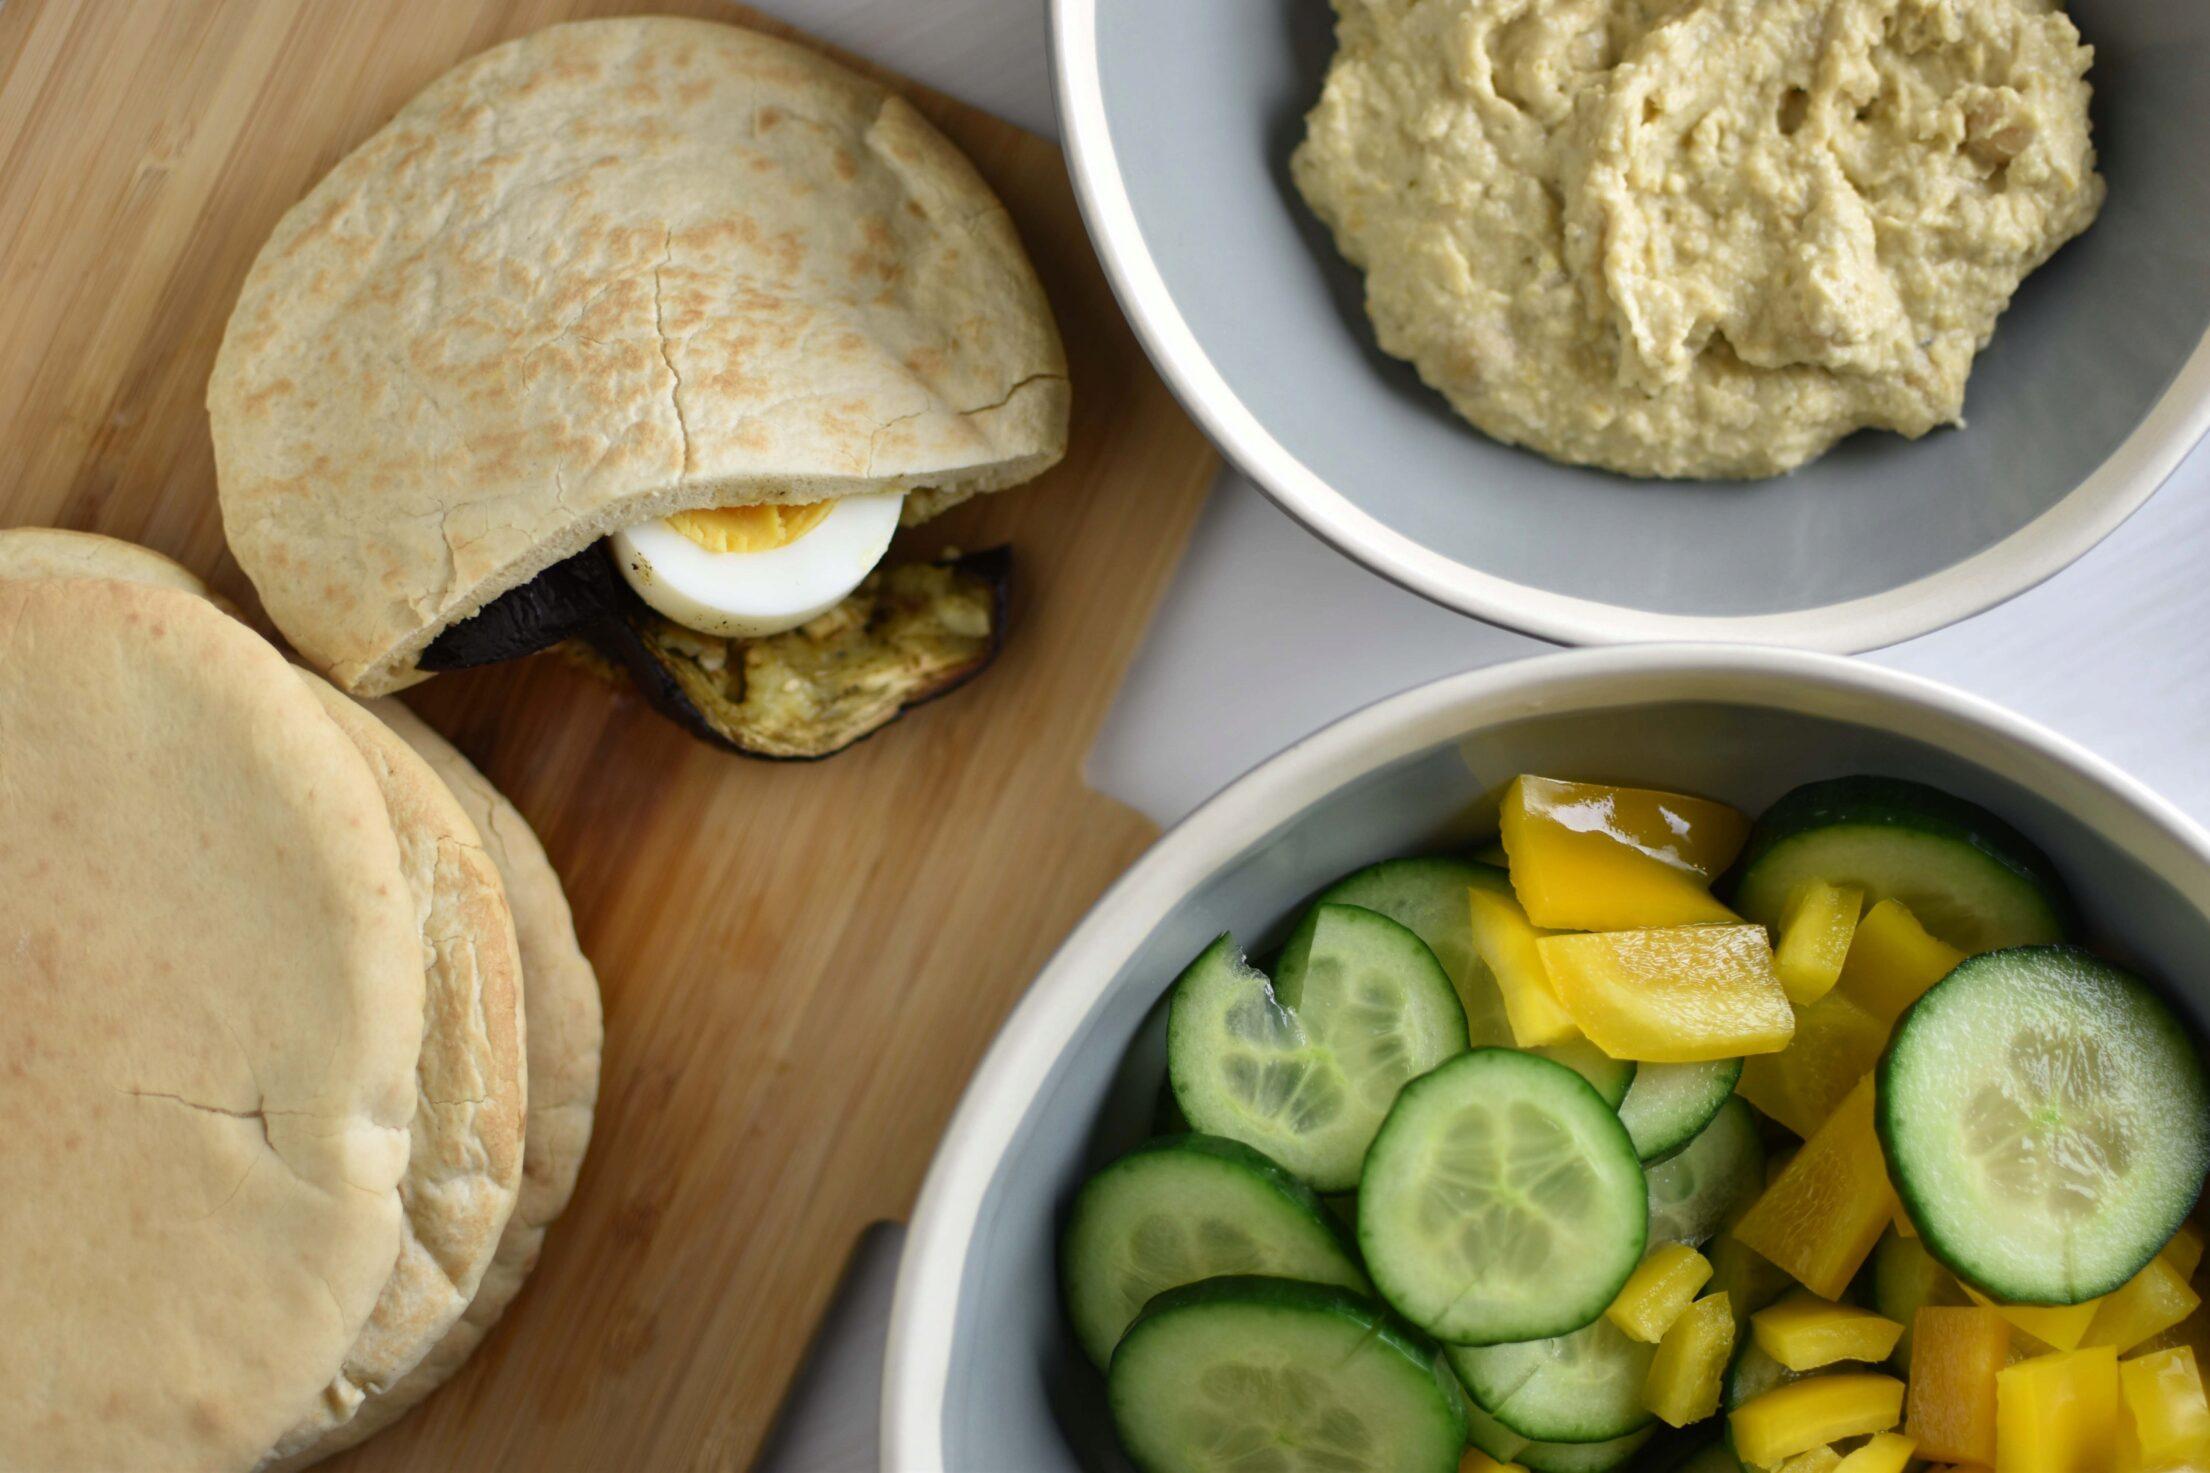 Sabich (Israëlische pita met gegrilde aubergine, eieren en tahin)